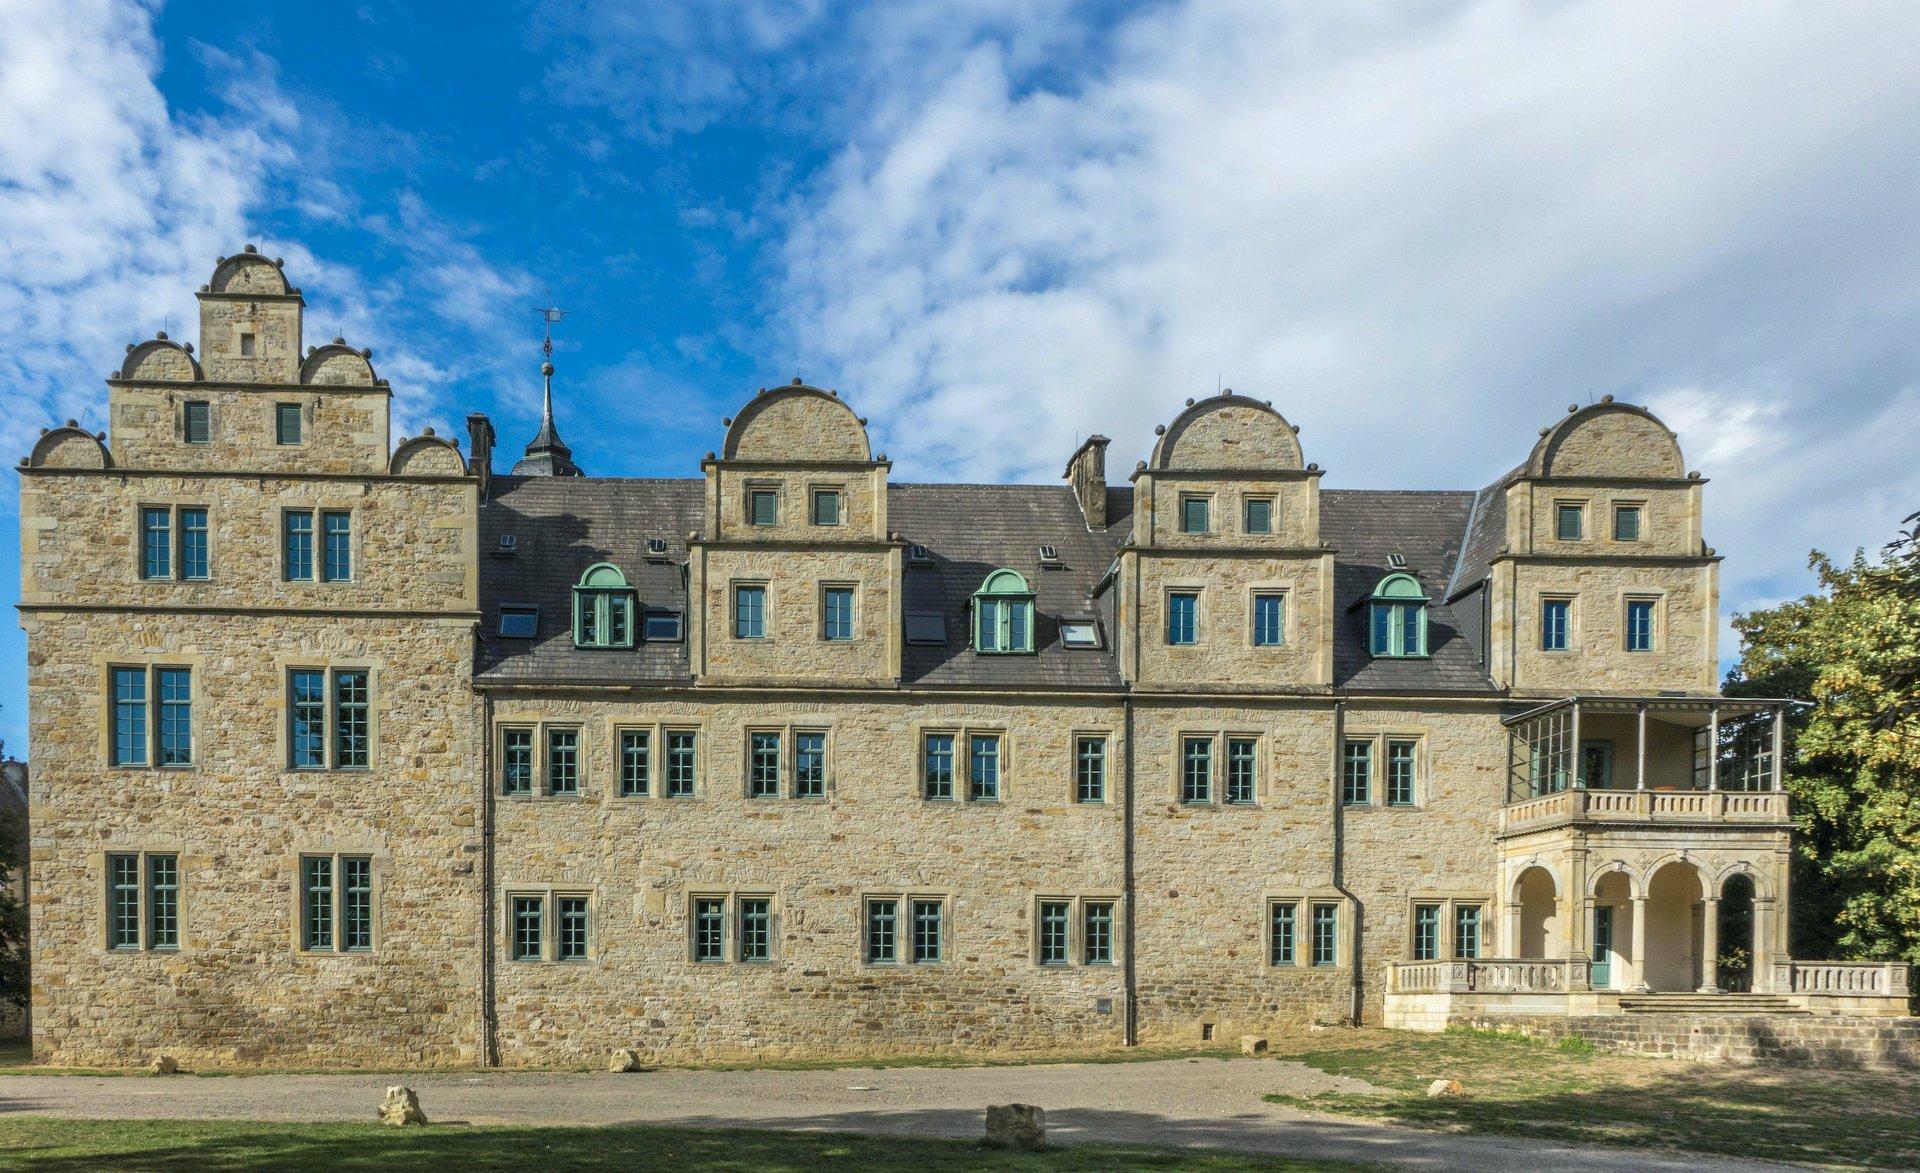 Südseite des Schlosses in Stadthagen